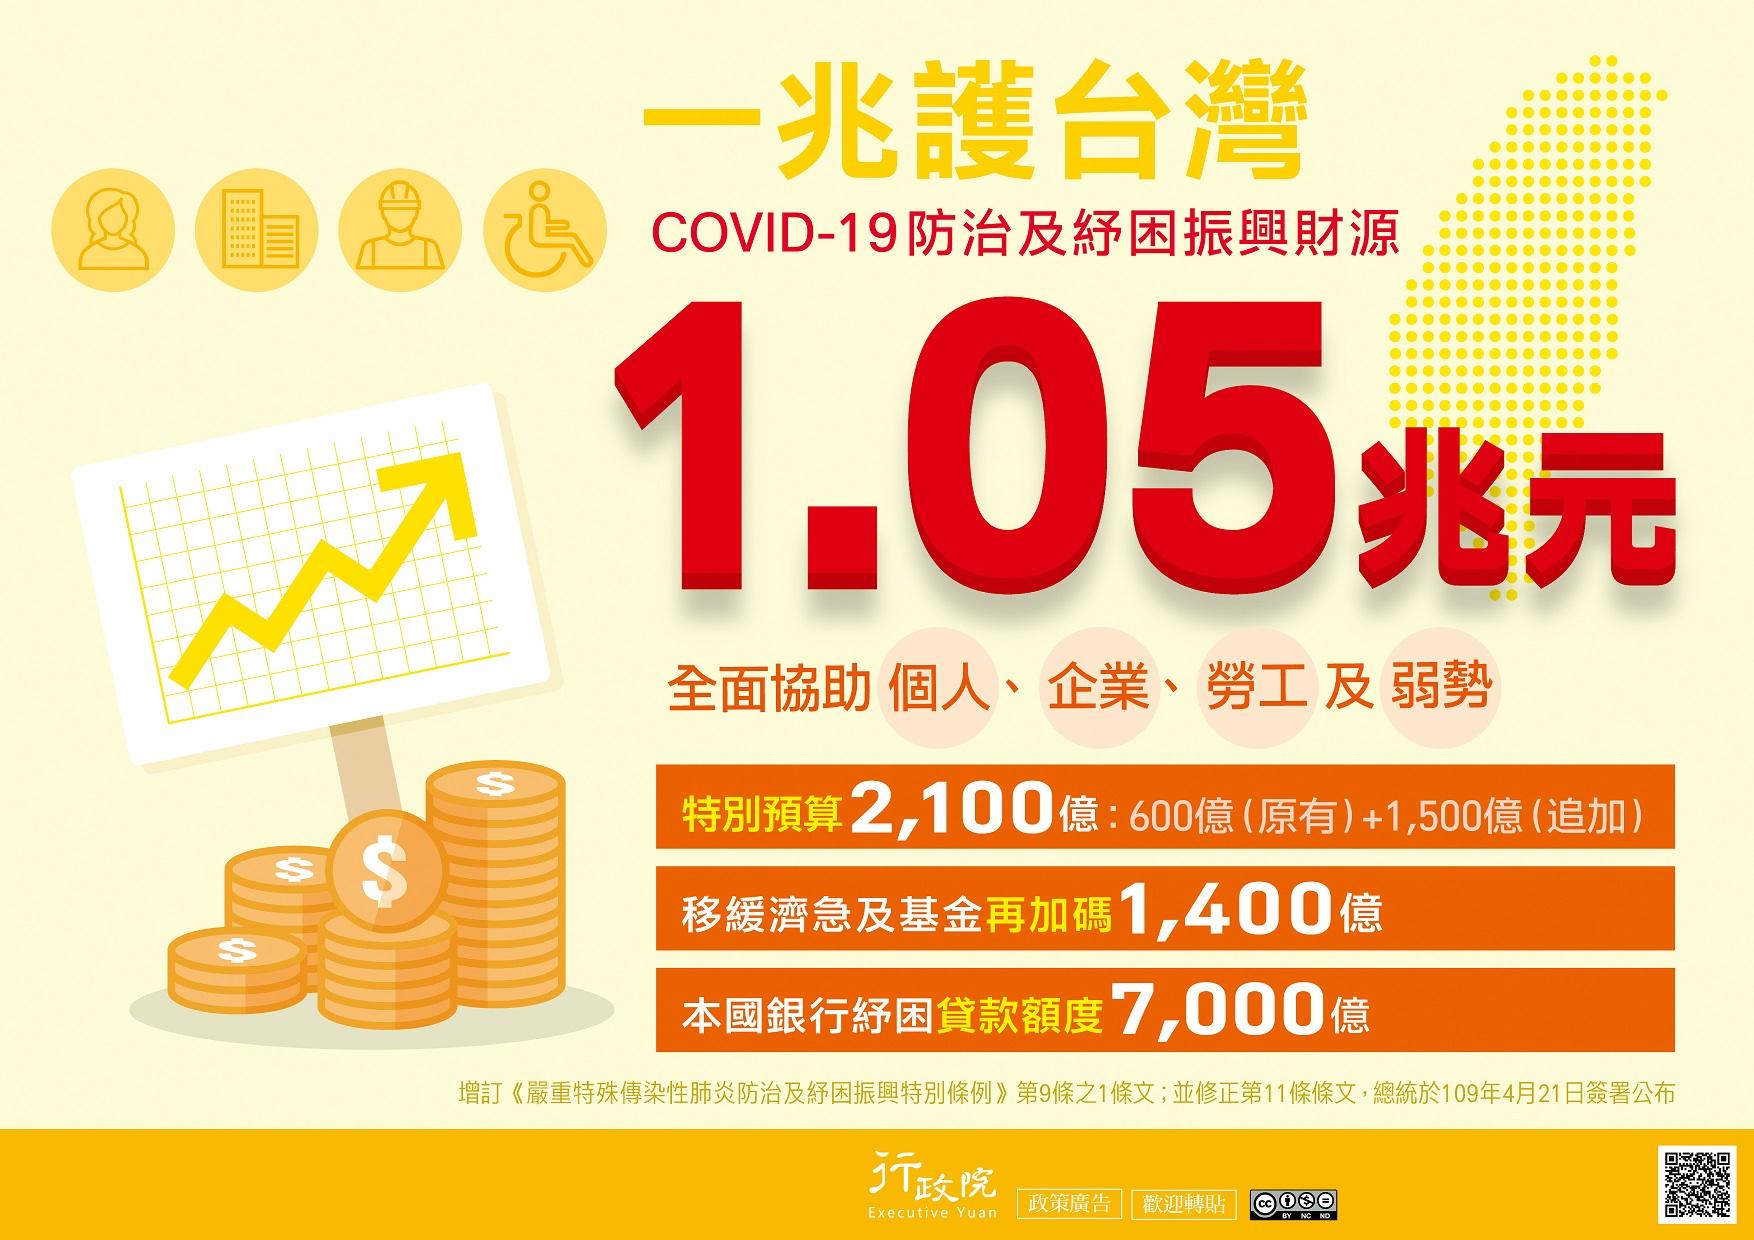 一兆護台灣 COVID-19防治及紓困振興財源1.05兆元.jpeg